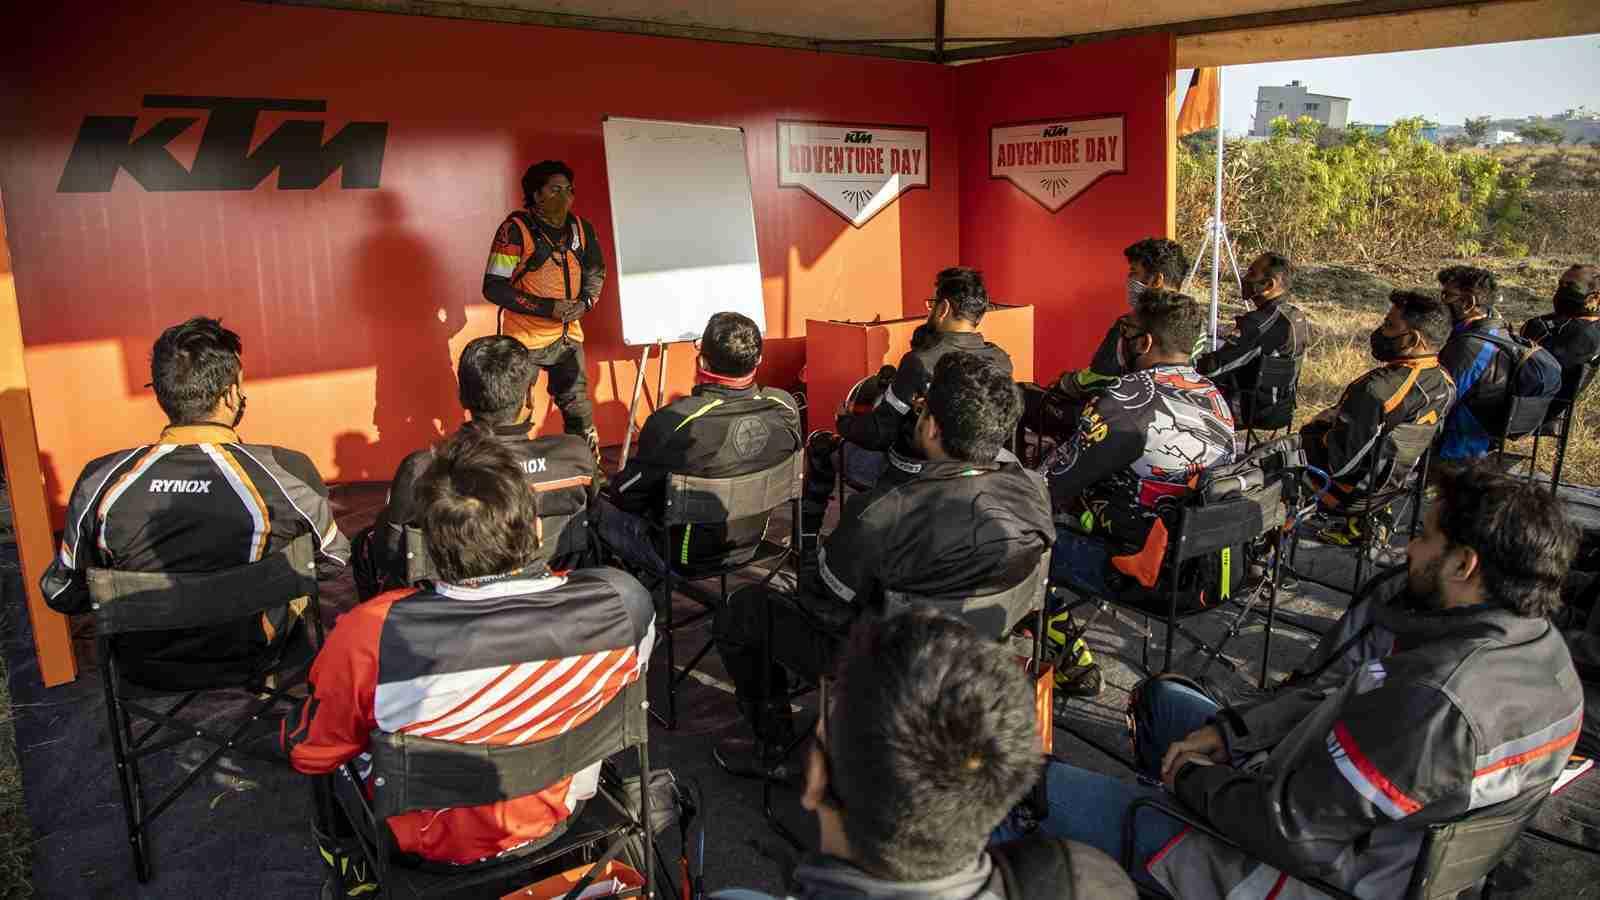 KTM Adventure Day in Pune